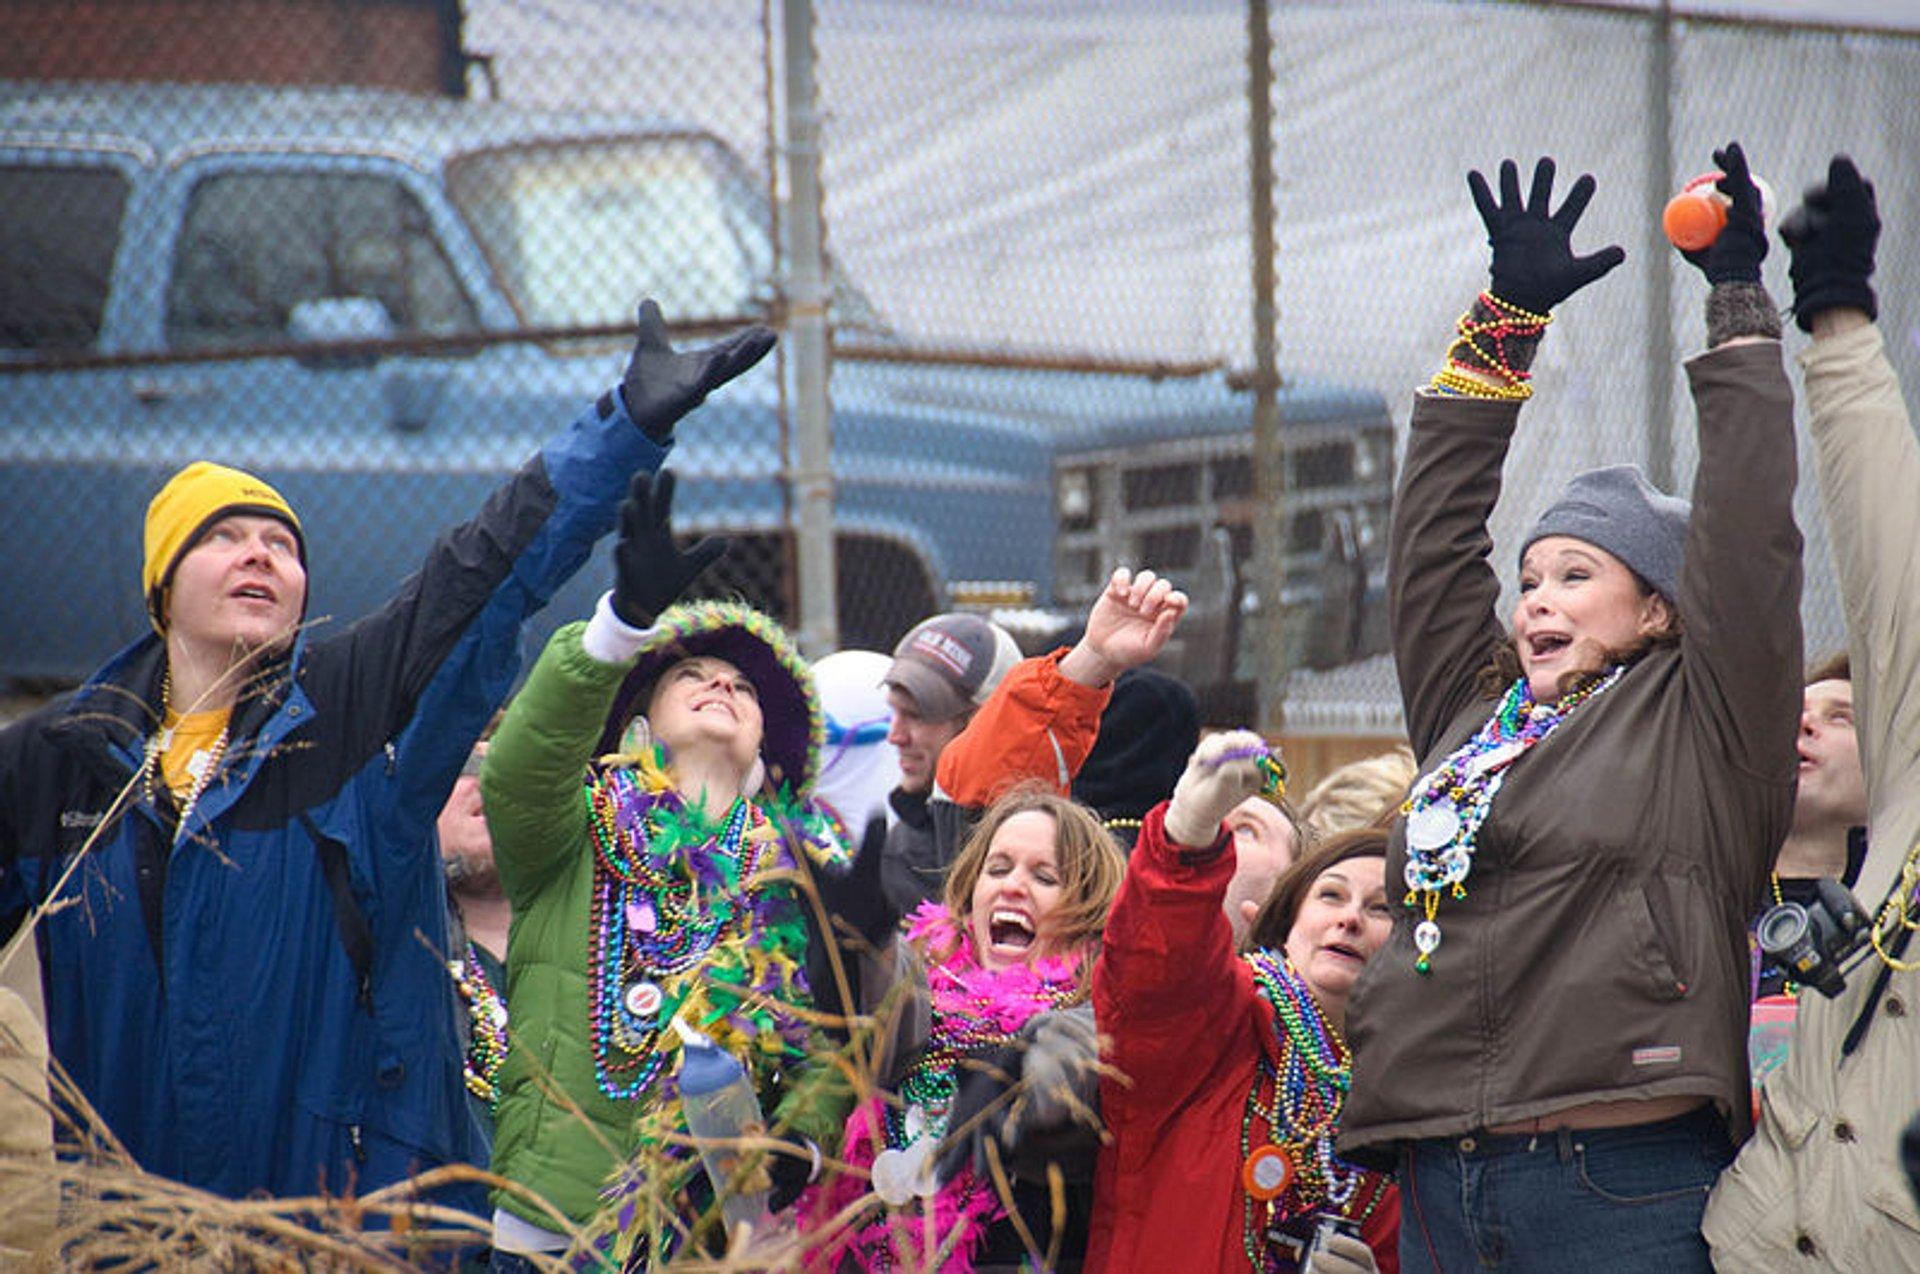 St.Louis Mardi Gras (Soulard Mardi Gras) in Midwest - Best Season 2020